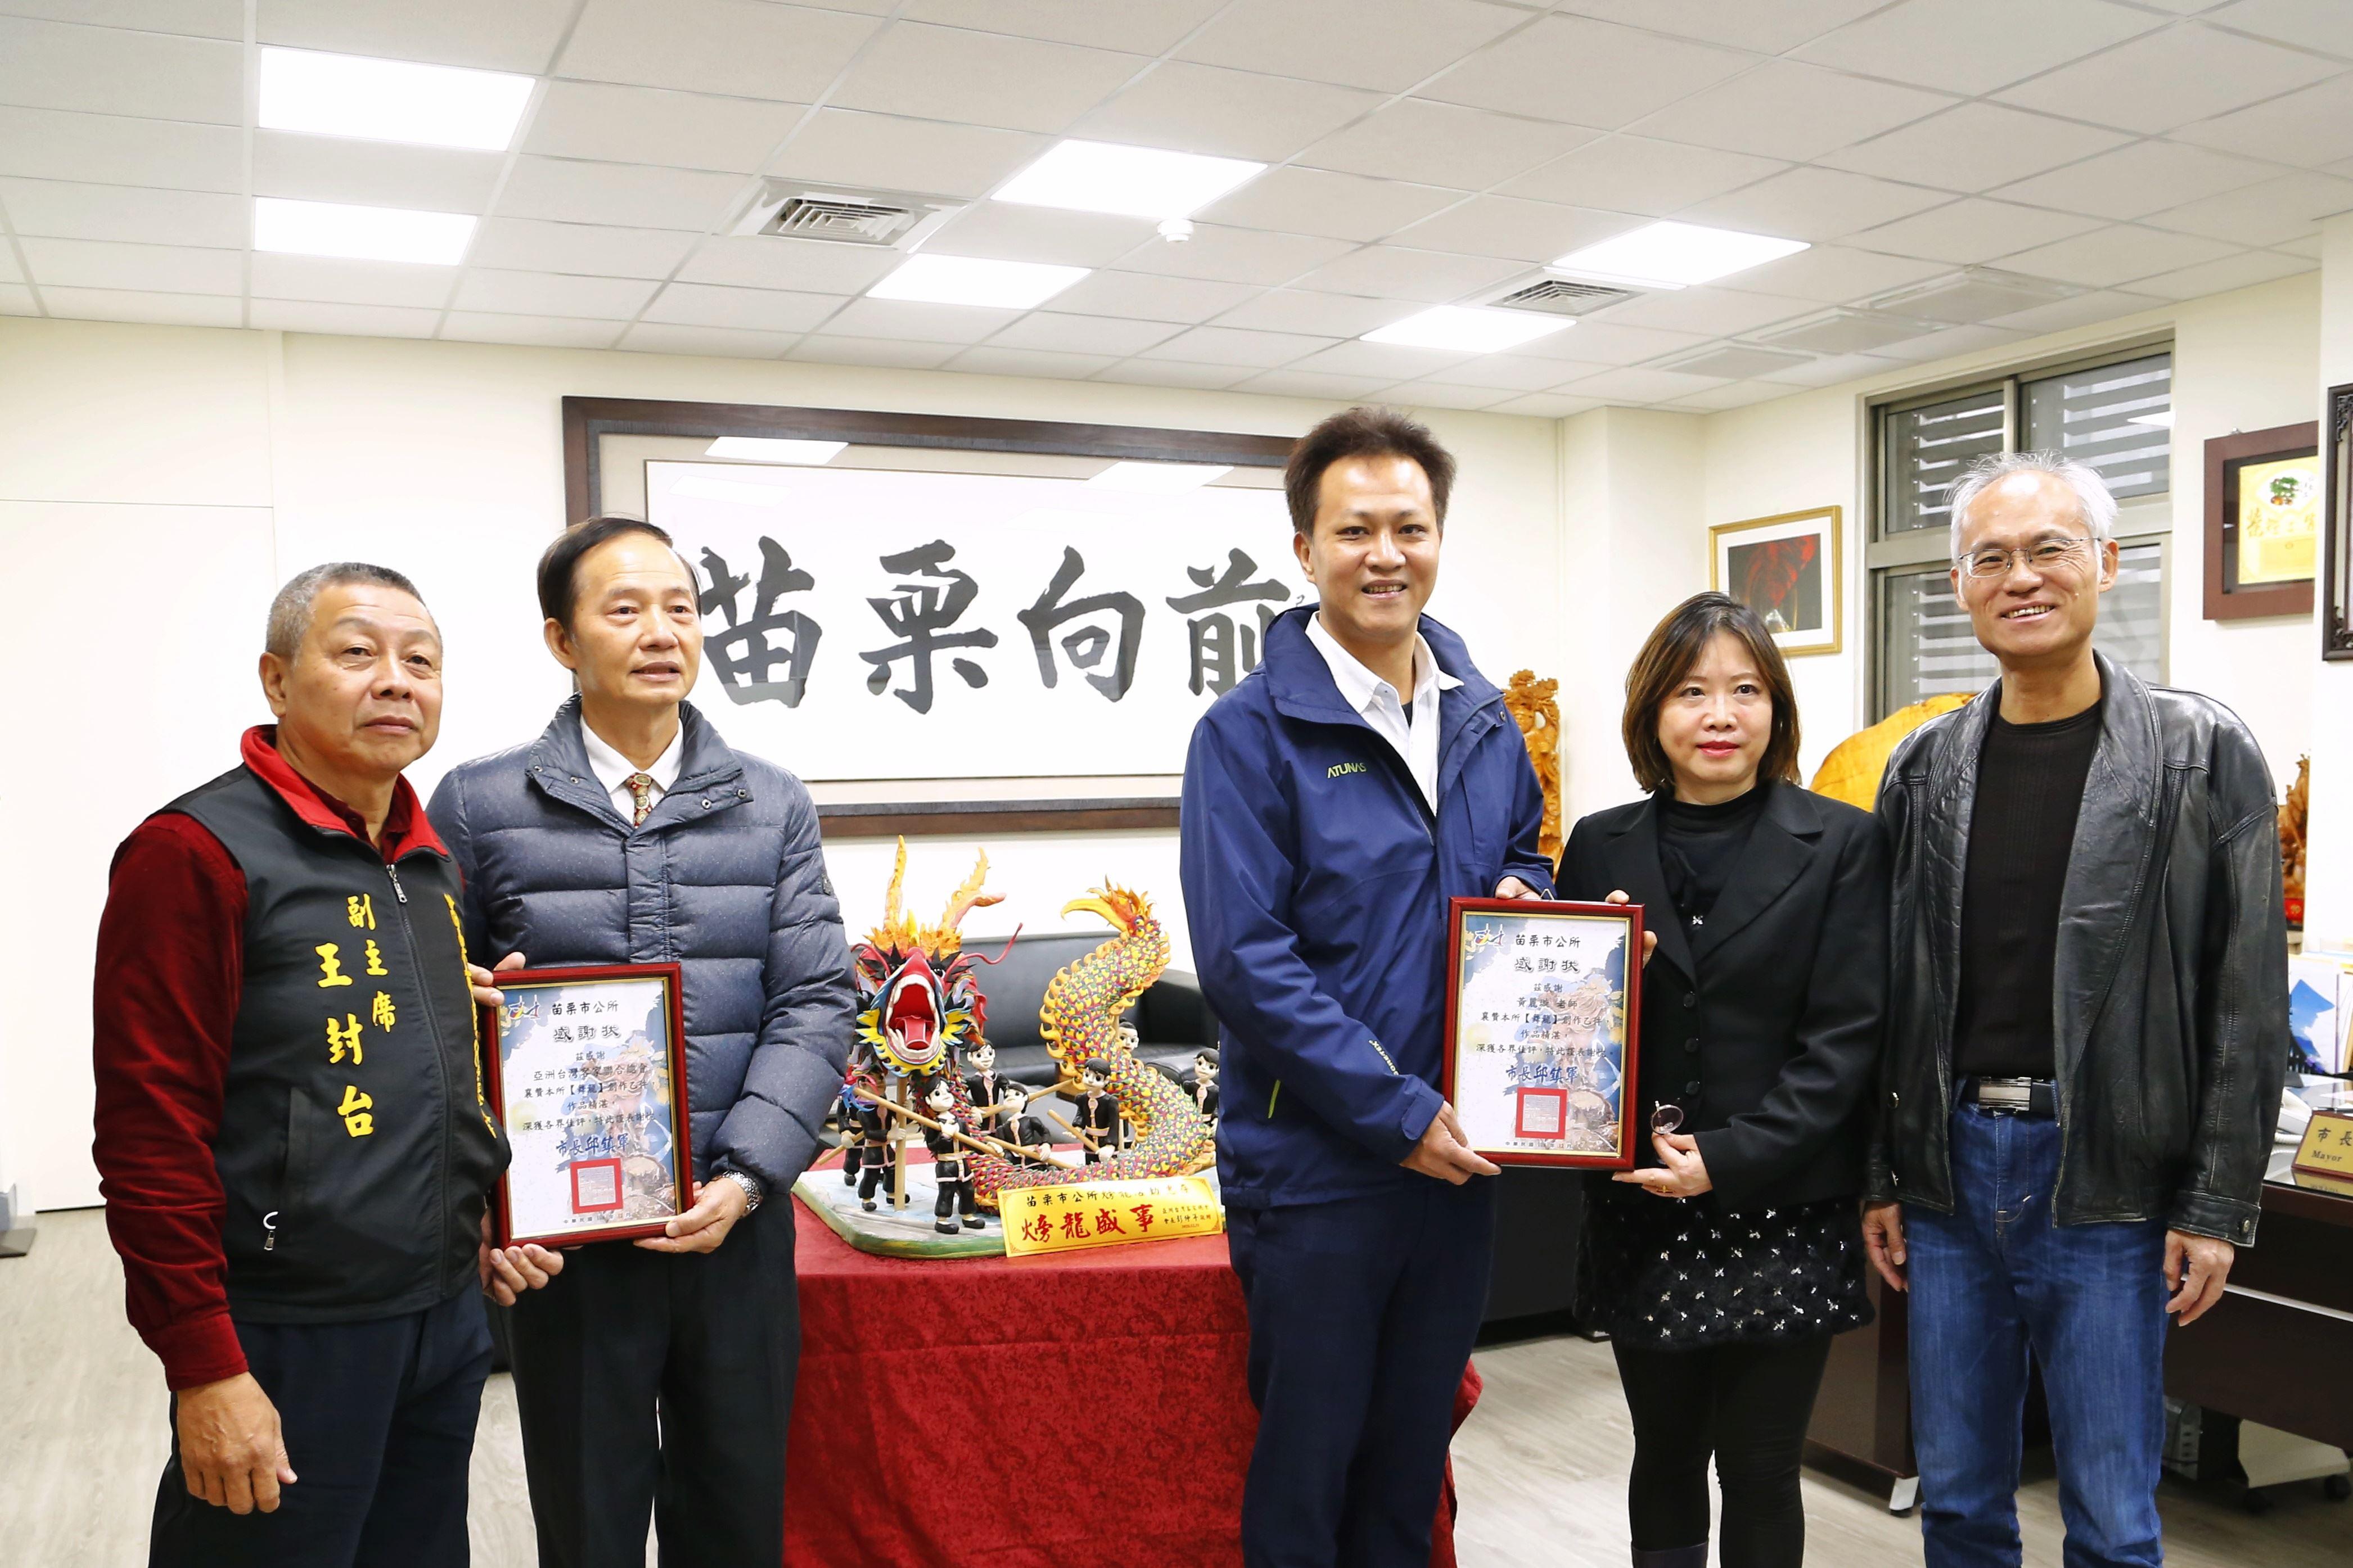 亞洲台灣客家聯合總會致贈公所大型超輕土藝術品—火旁龍盛事